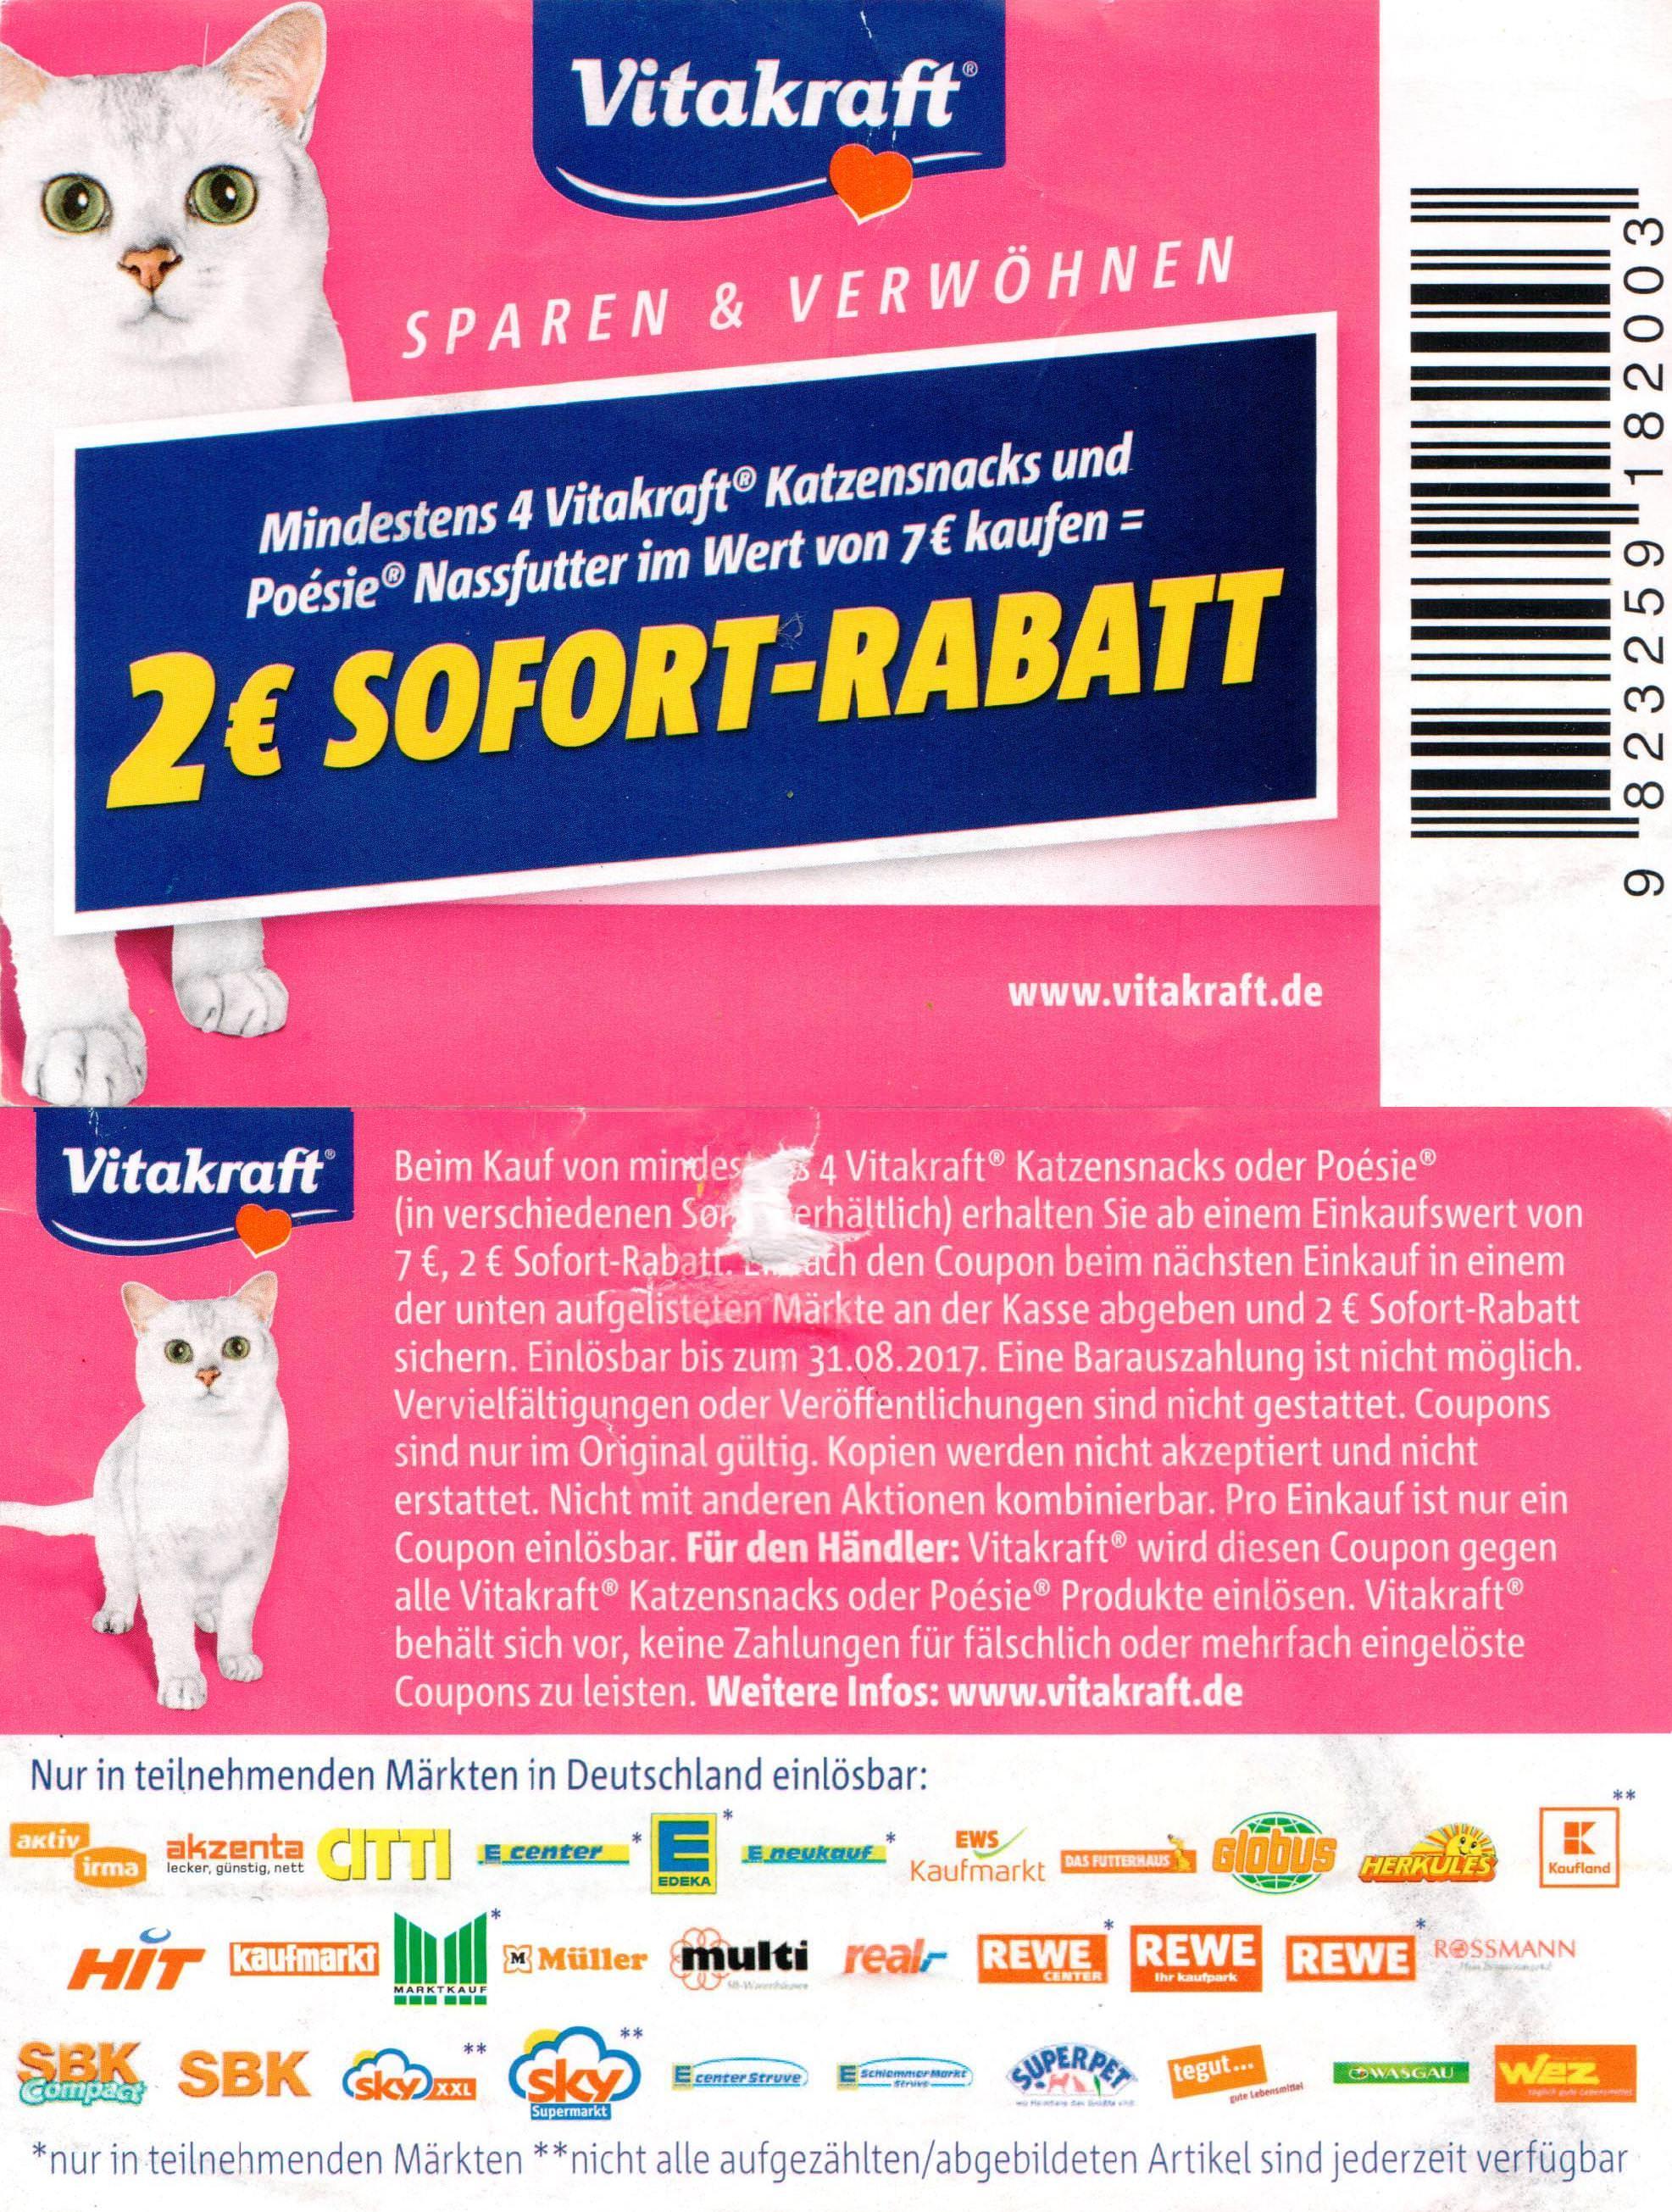 2,00€ Sofort-Rabatt-Coupon für 4 Vitakraft Katzensnacks oder Poésie ab 7€ bis 31.08.2017